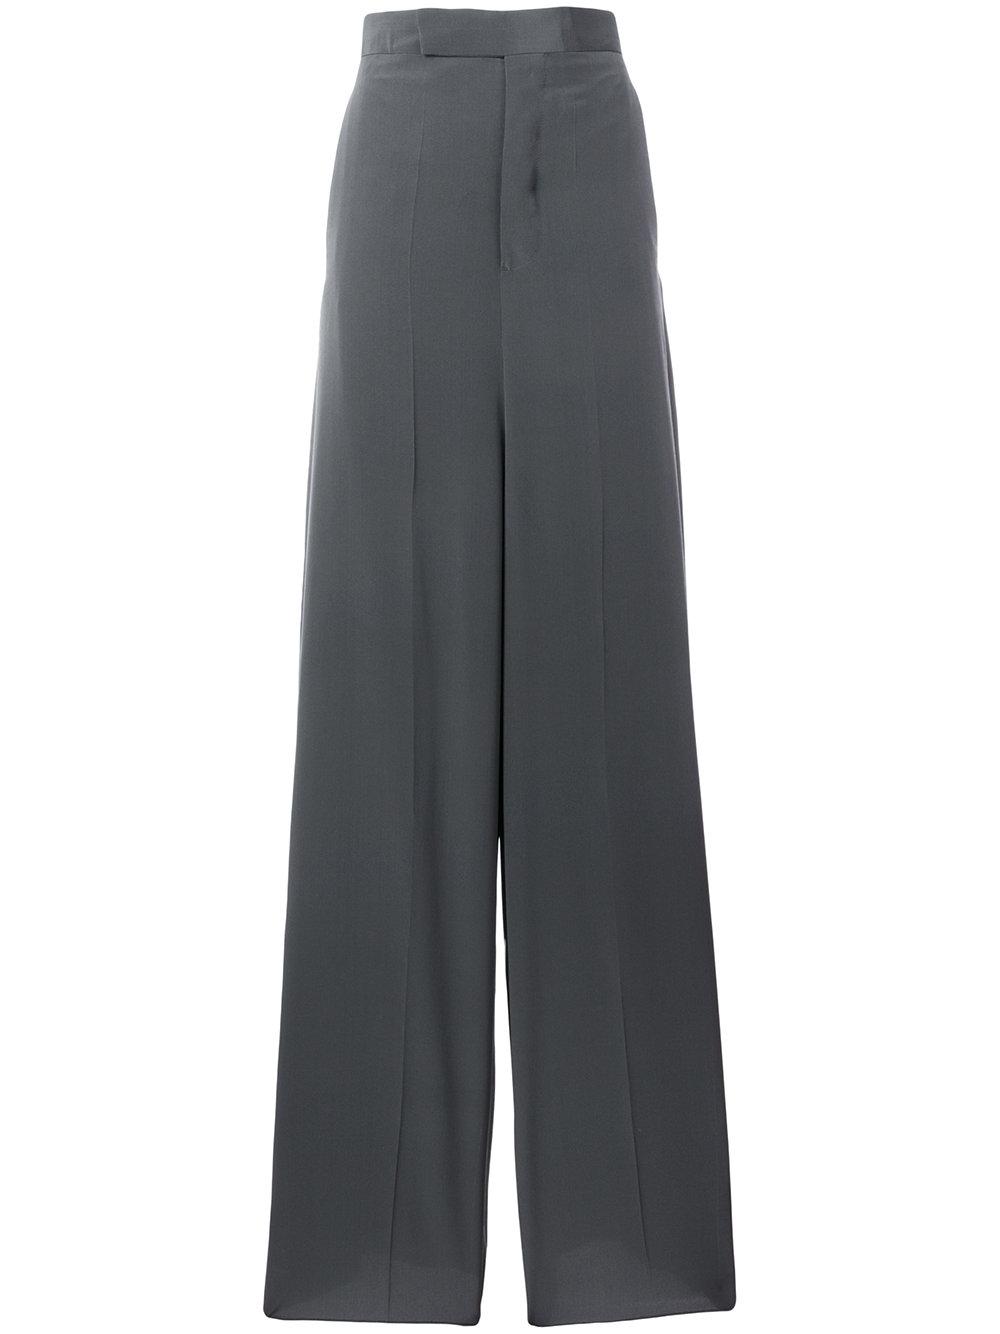 RICK OWENS Silk Palazzo Pants, £300